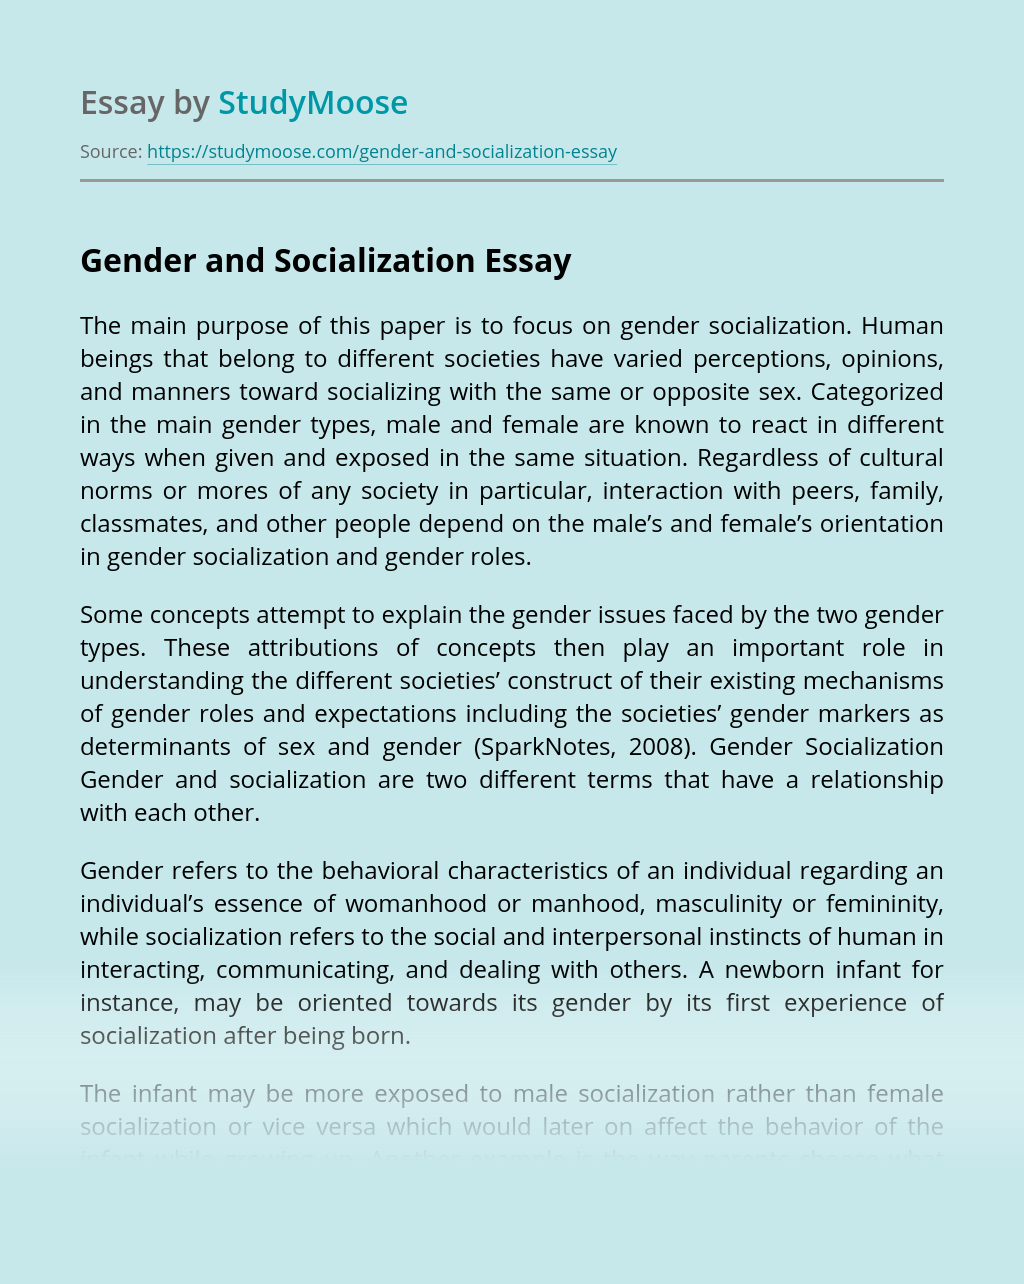 Gender and Socialization